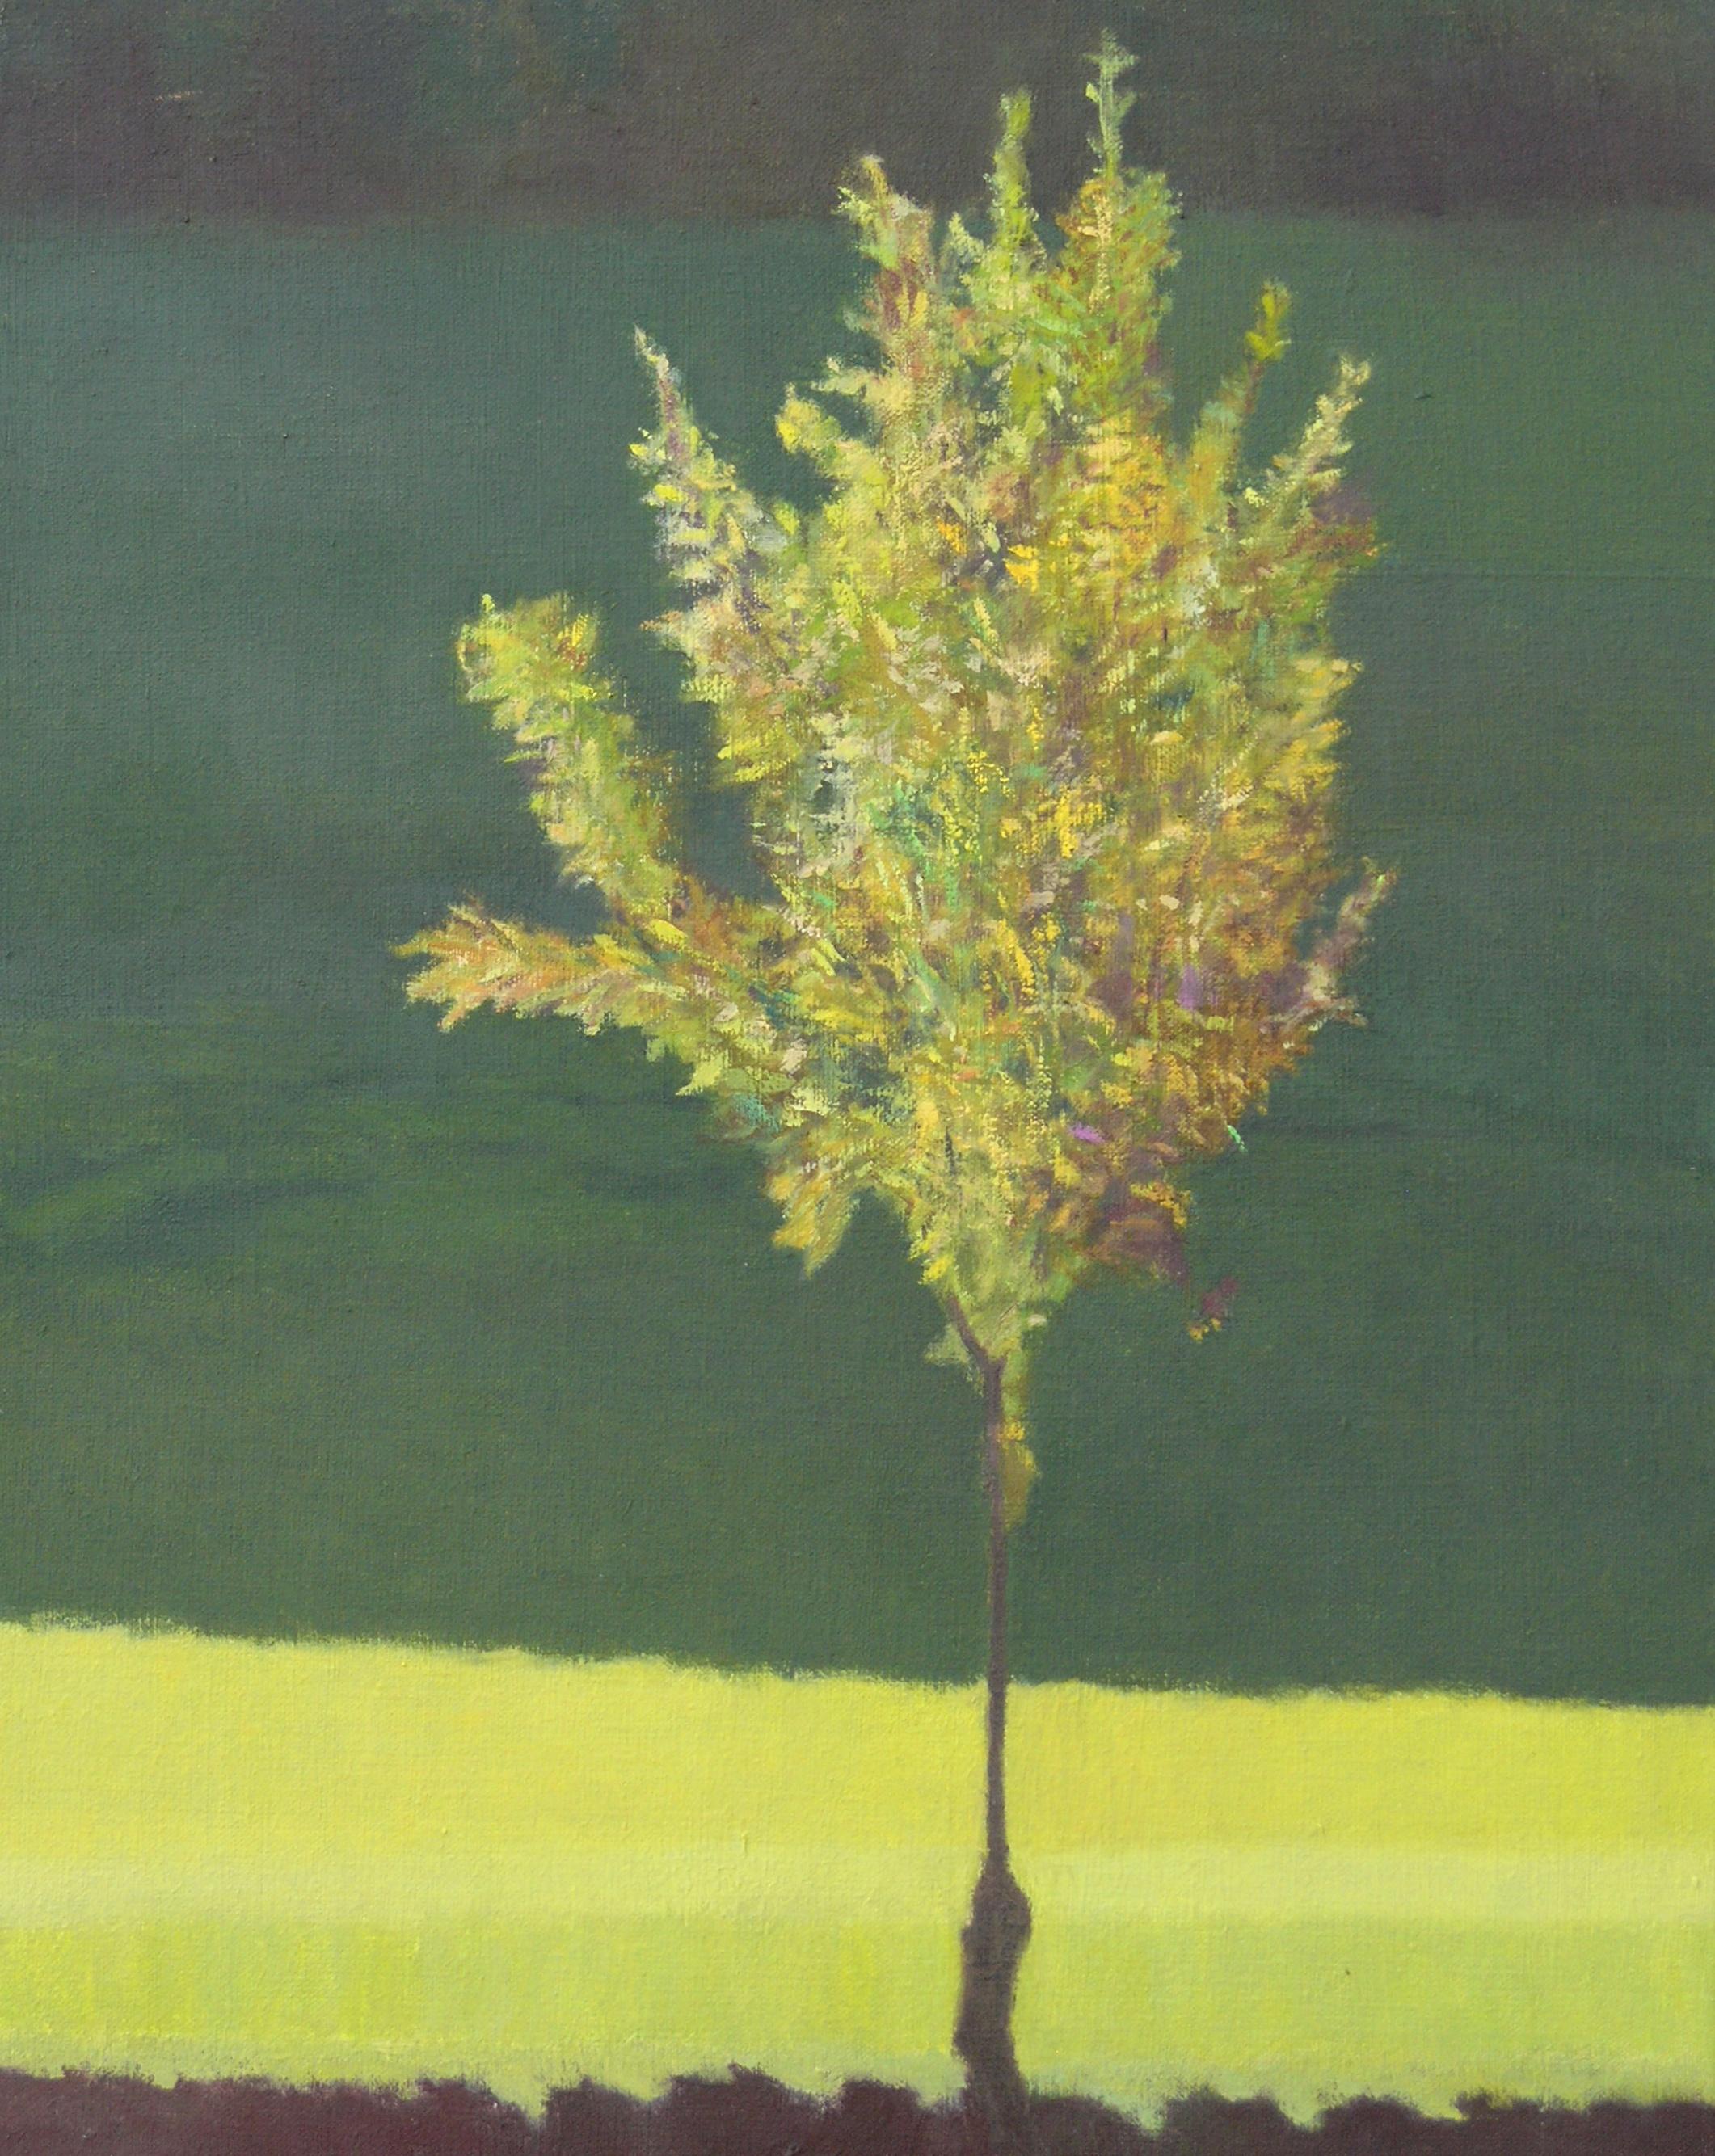 Shimmering tree 2